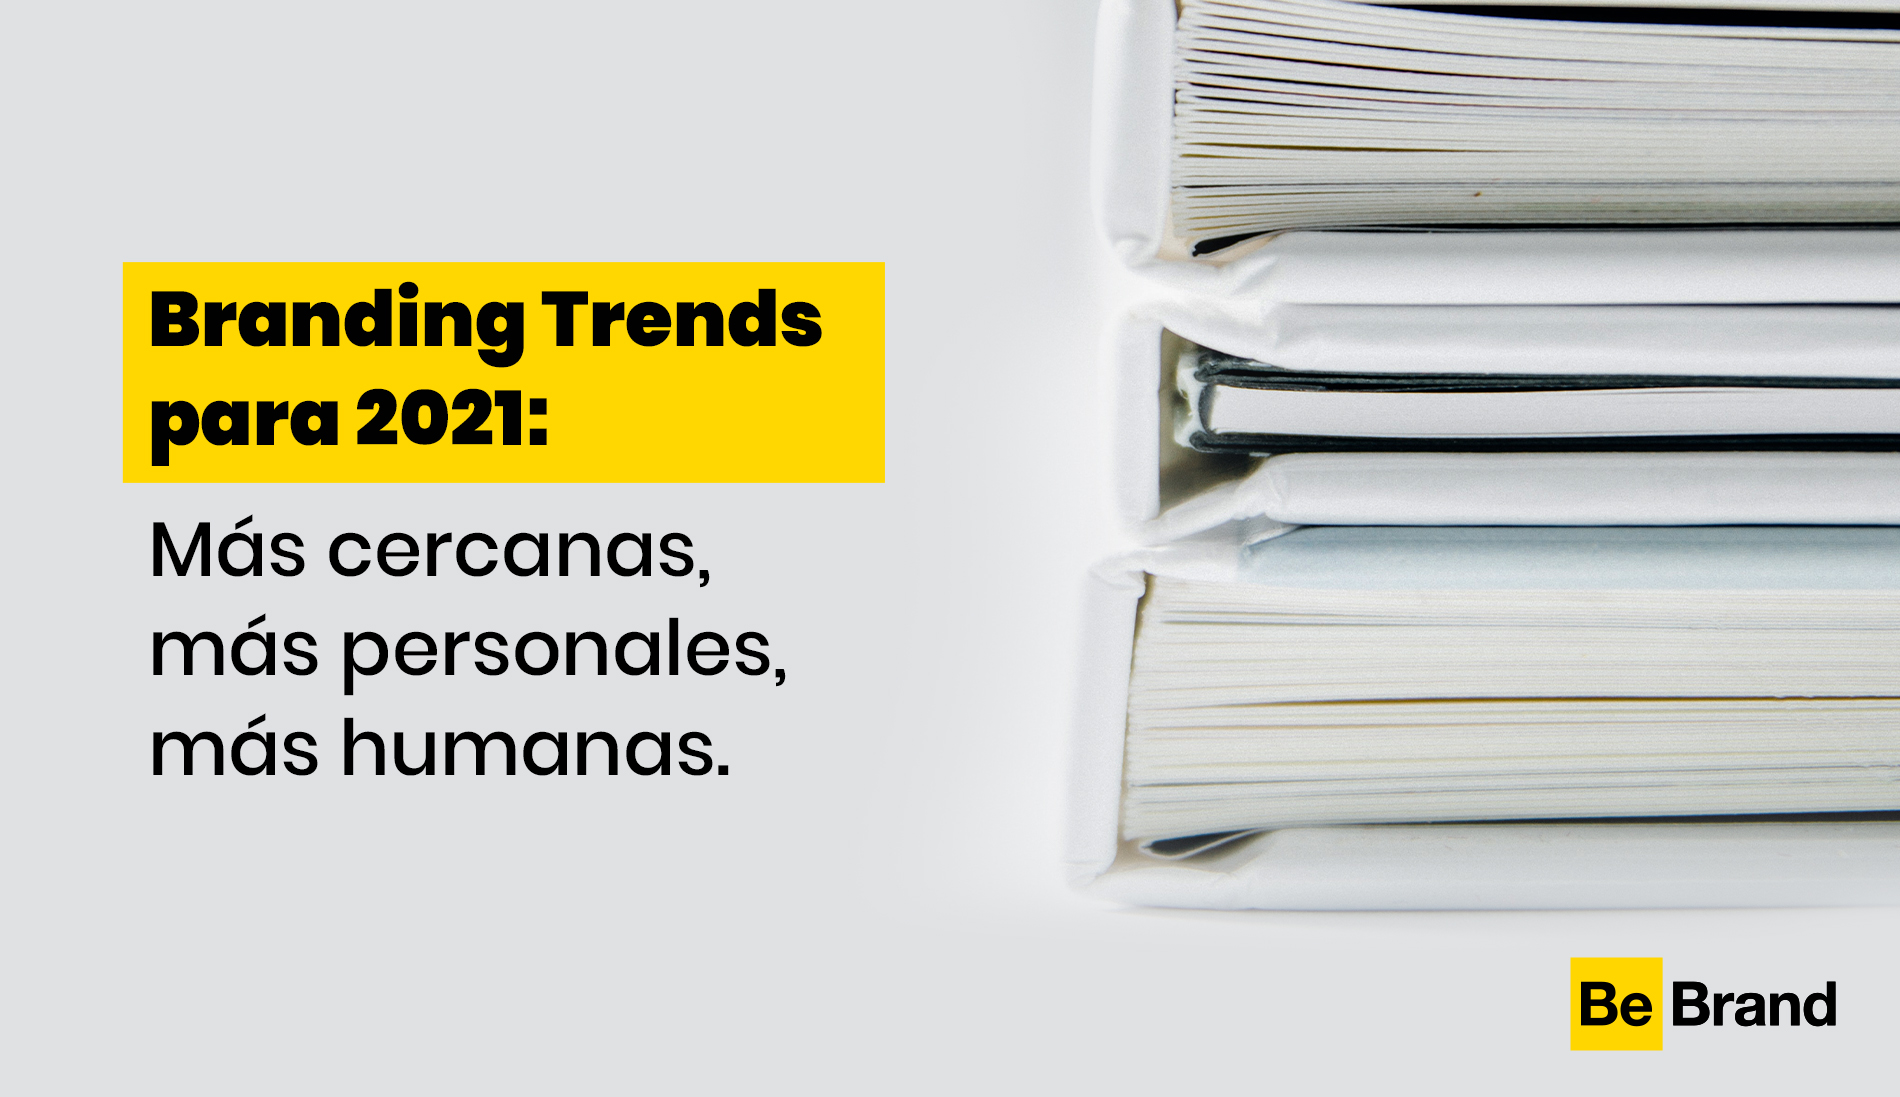 Las tendencias en branding para 2021